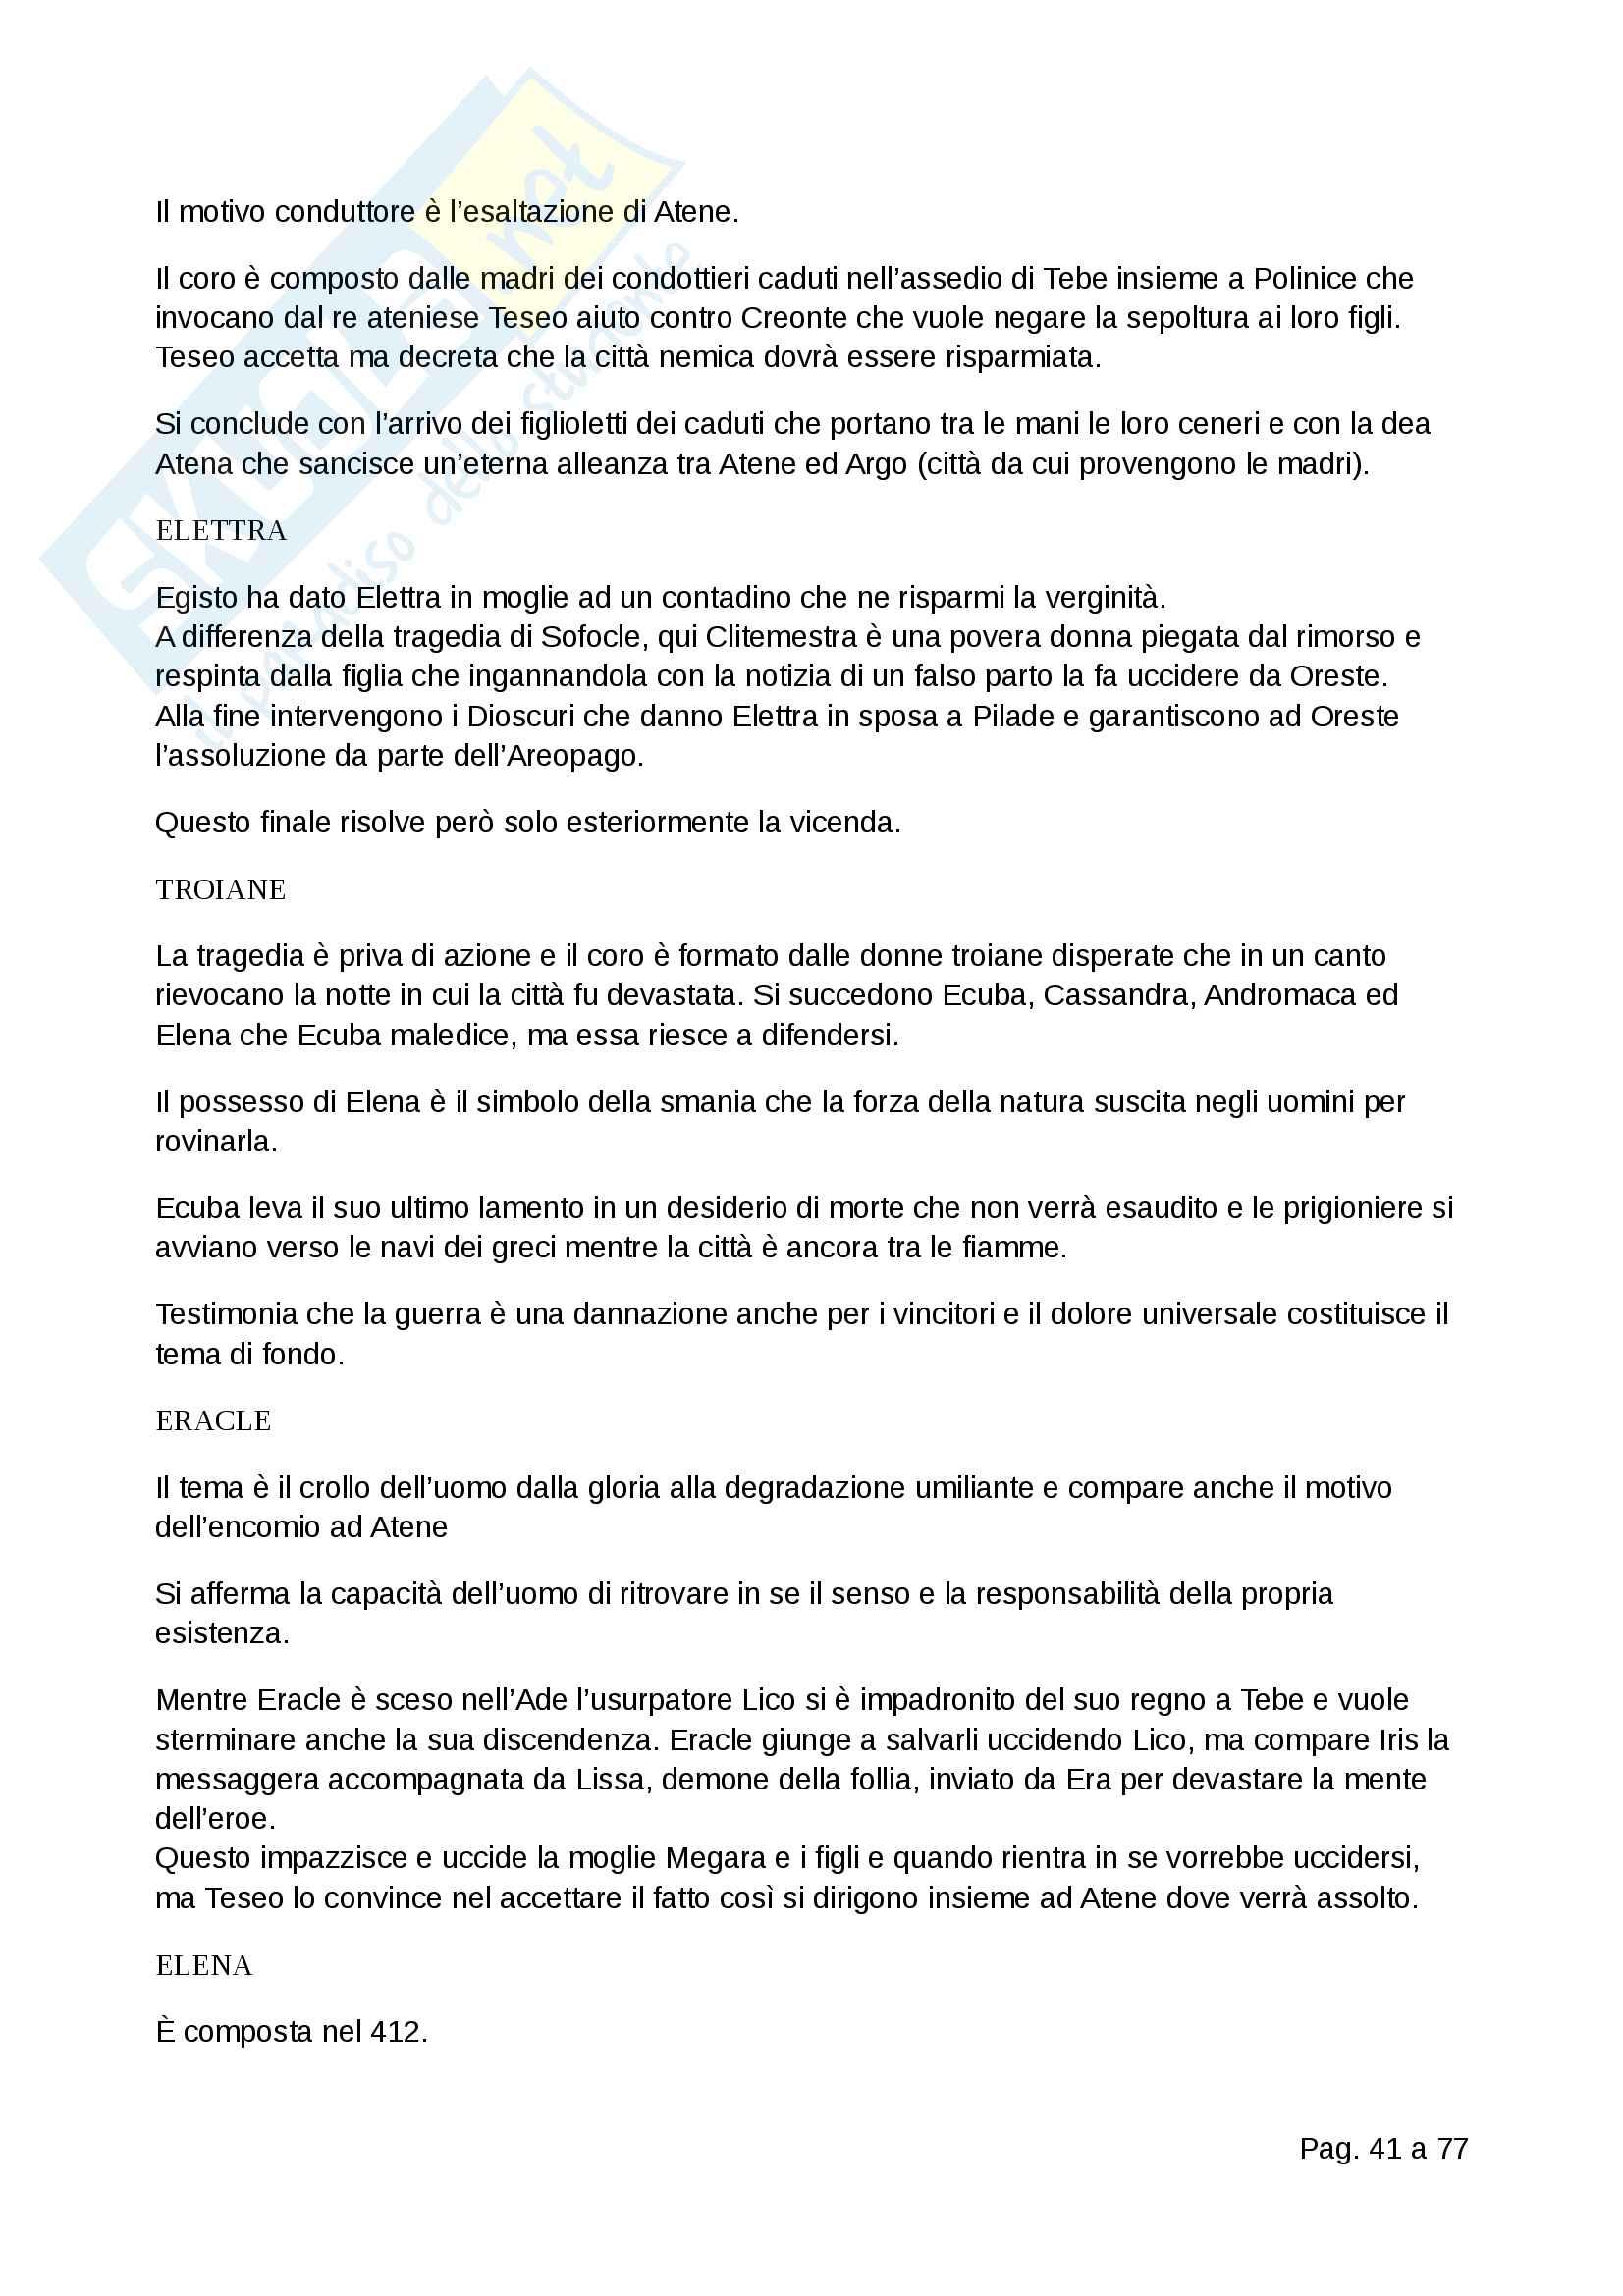 Letteratura greca Pag. 41